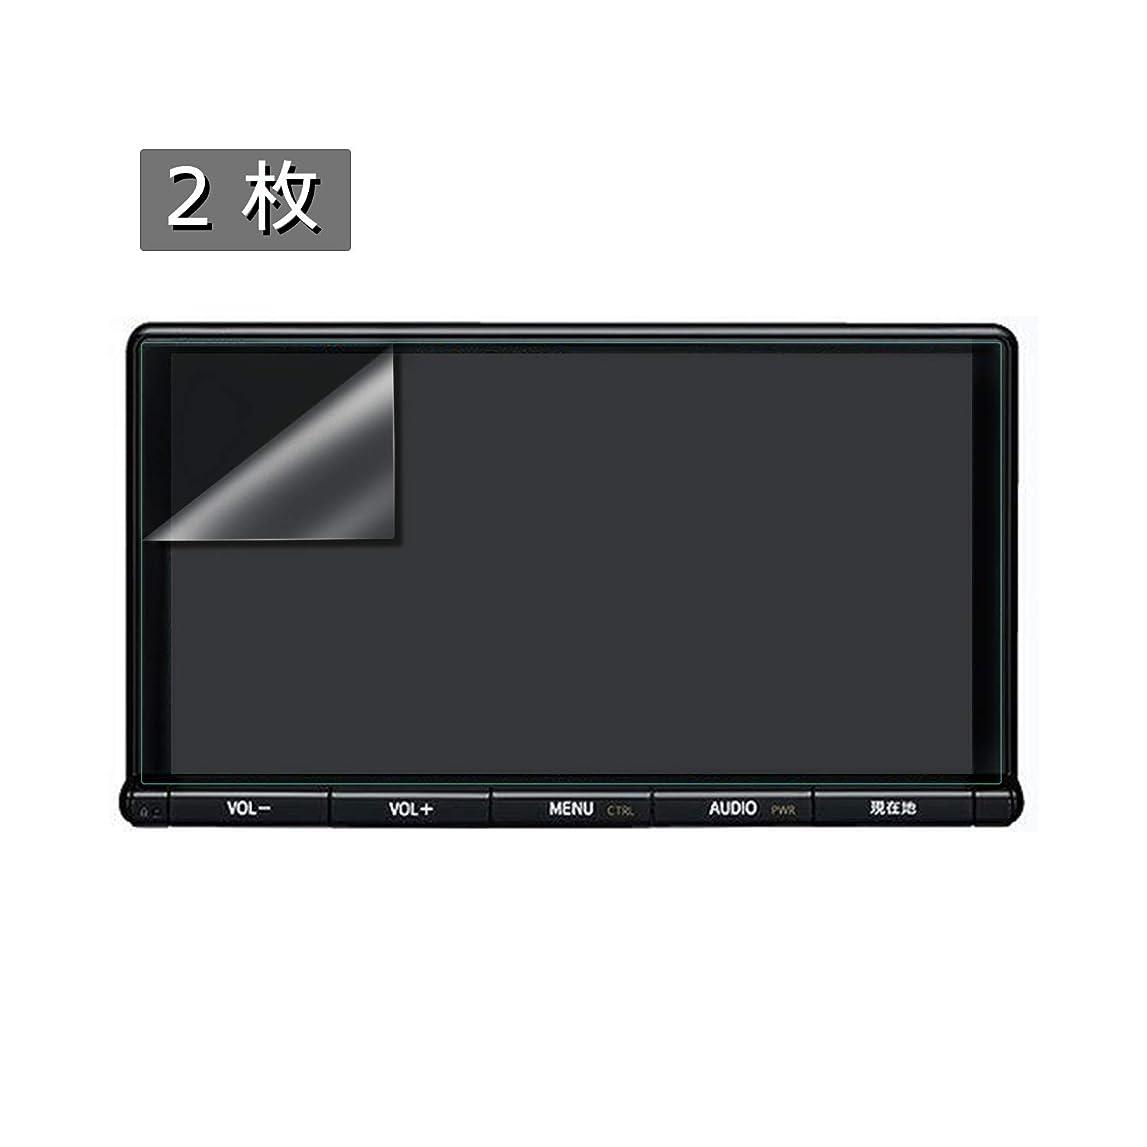 ピニオンパレード成人期二枚 NSZT-Y66T トヨタ 9.0インチ ナビゲーション 液晶保護フィルム 専用 PET素材フィルム 2枚入り 高透明 反射防止 気泡ゼロ 指紋防止 キズ防止